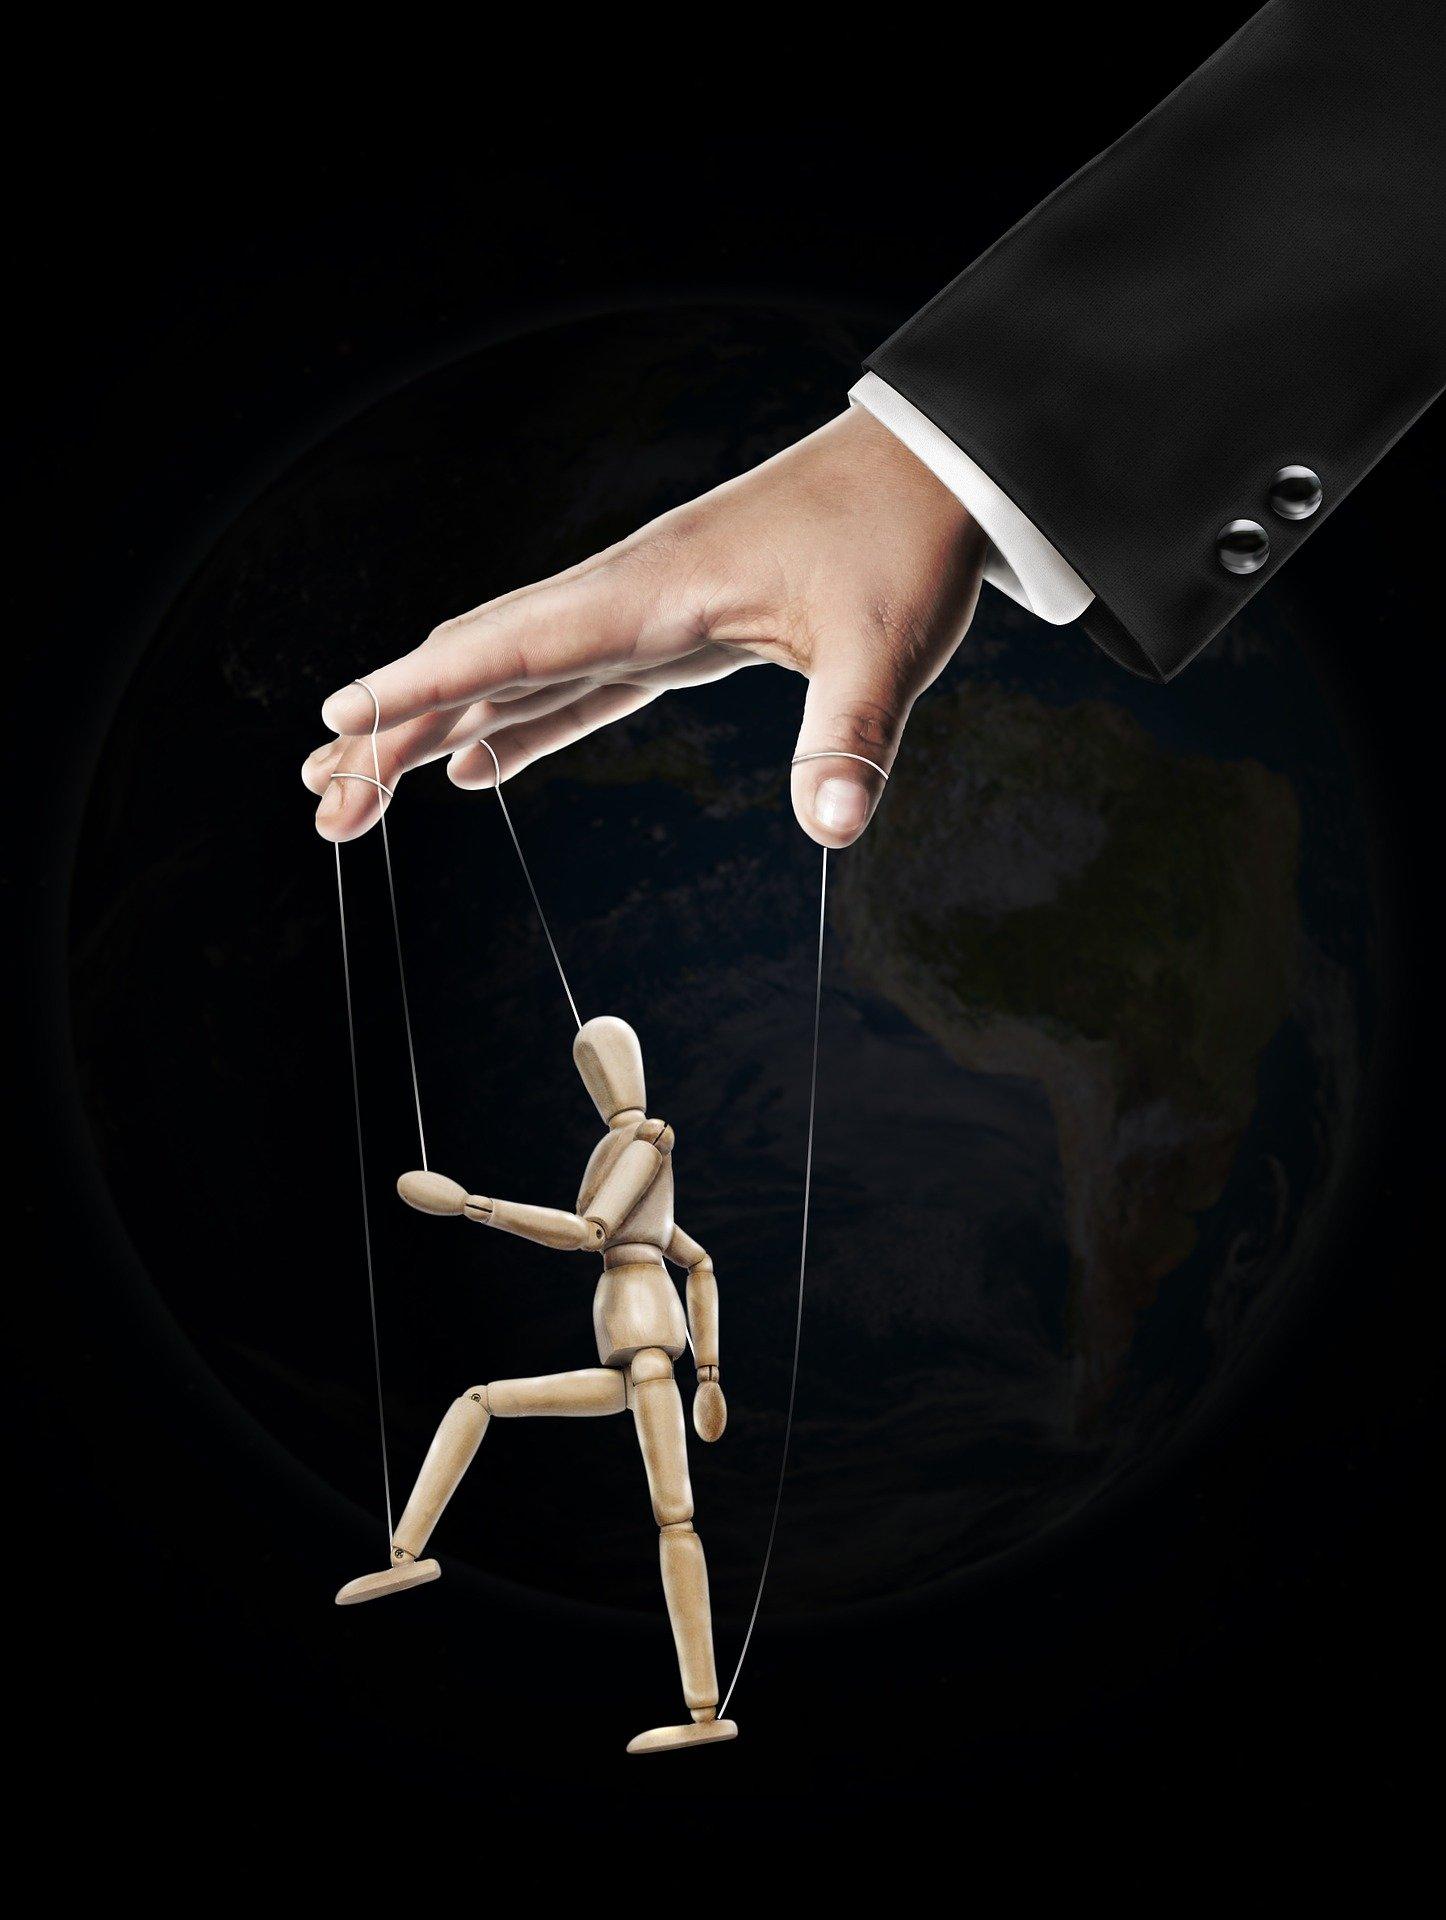 Manipulación psicológica. Consecuencias sobre tu salud